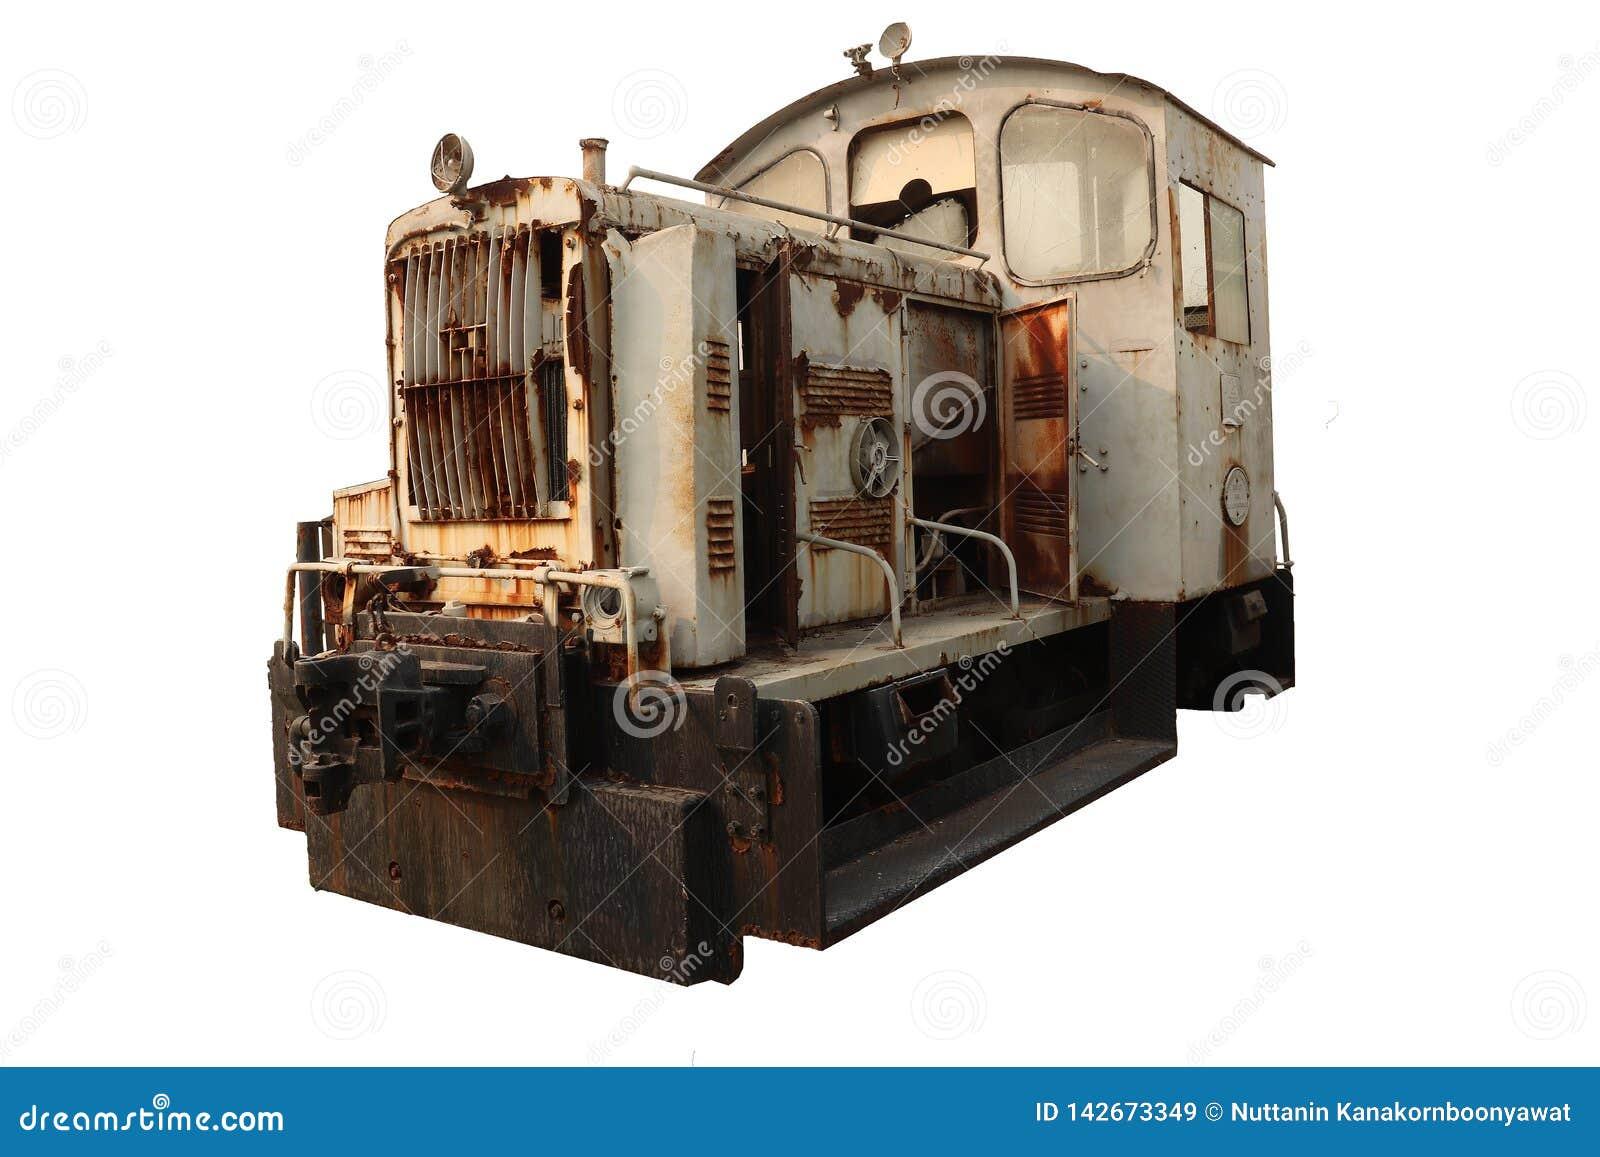 Старое ржавое из поезда заказа минировать, получившийся отказ транспорт поезда минируя изолированный на белой предпосылке